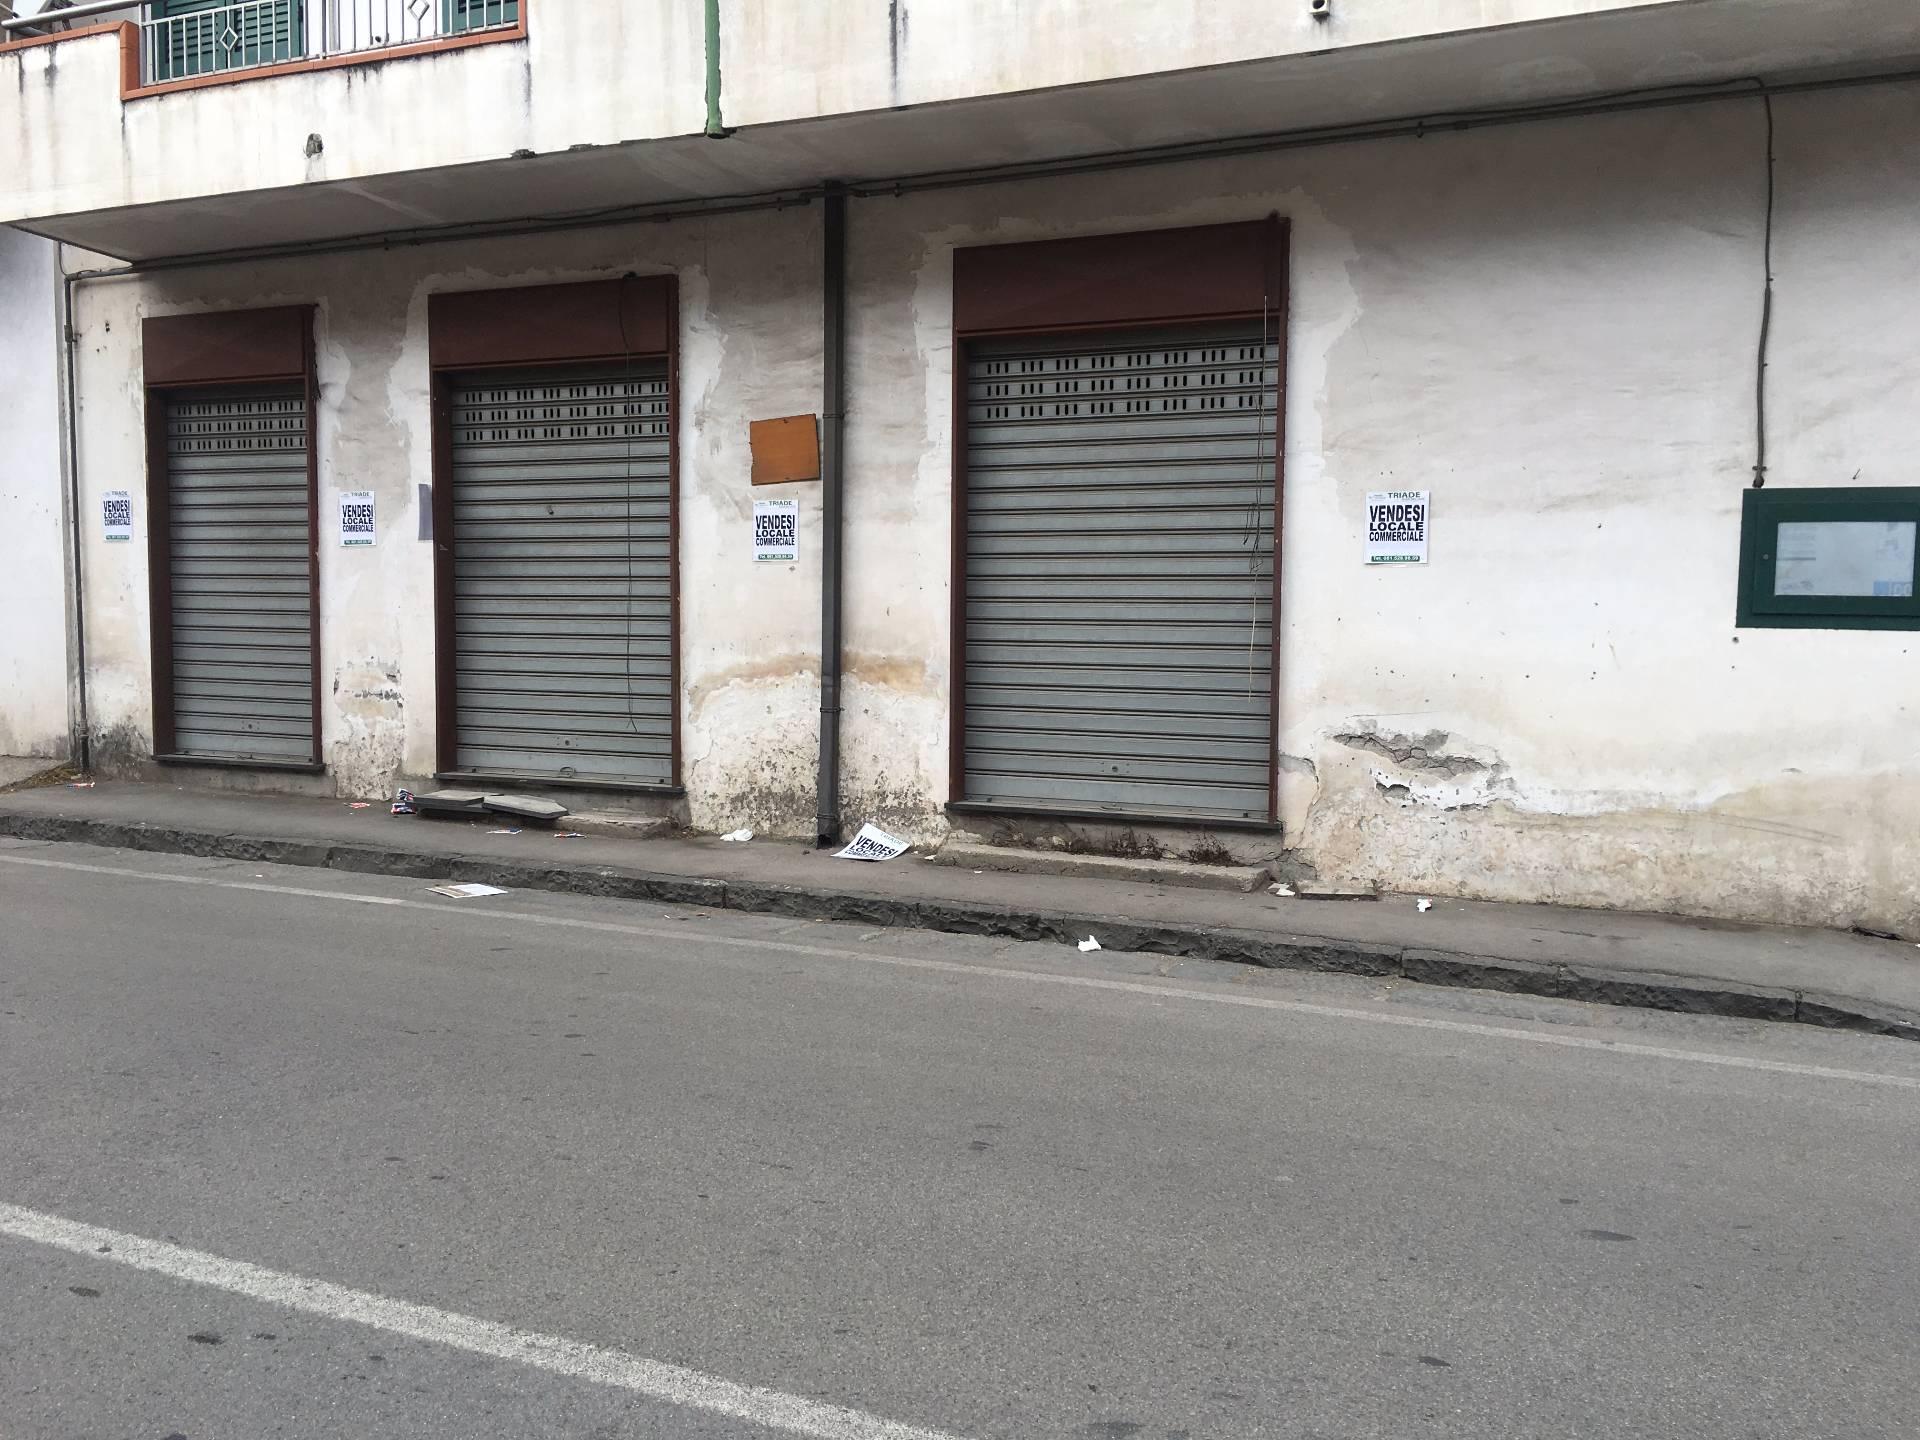 Negozio / Locale in vendita a San Gennaro Vesuviano, 9999 locali, prezzo € 185.000 | CambioCasa.it